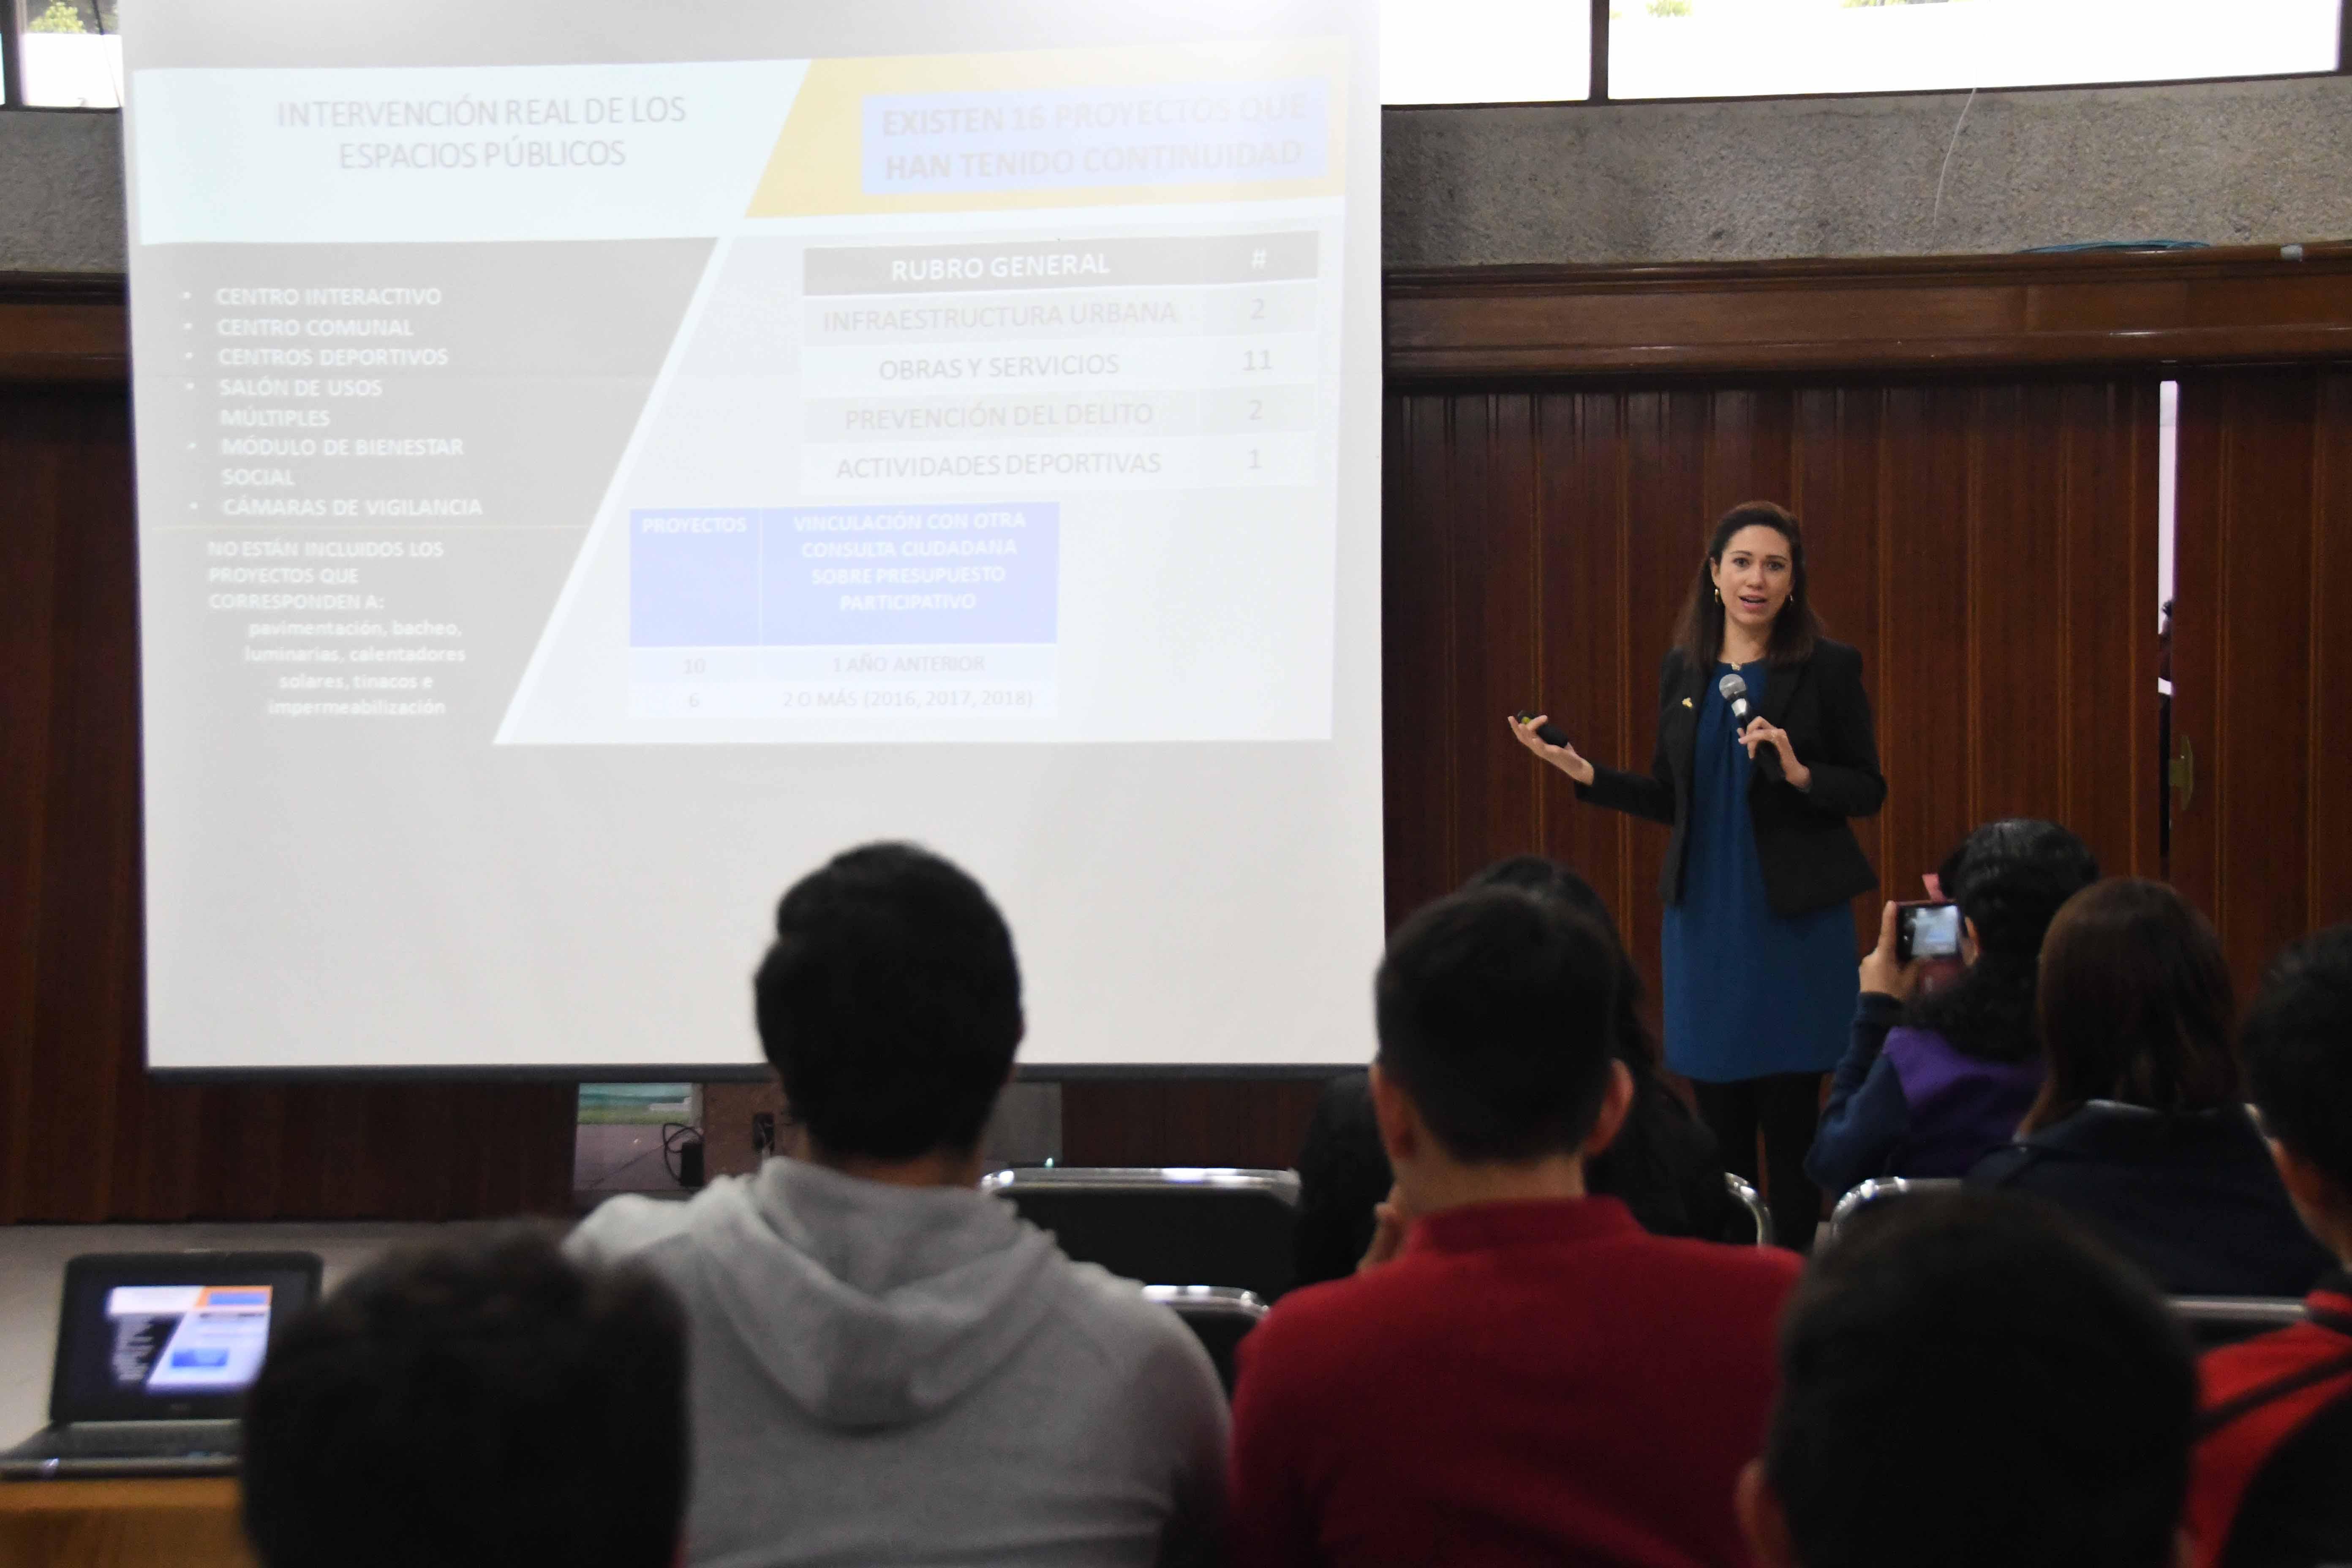 Promueve IECM mecanismos de Participación Ciudadana con la comunidad universitaria del ITESM